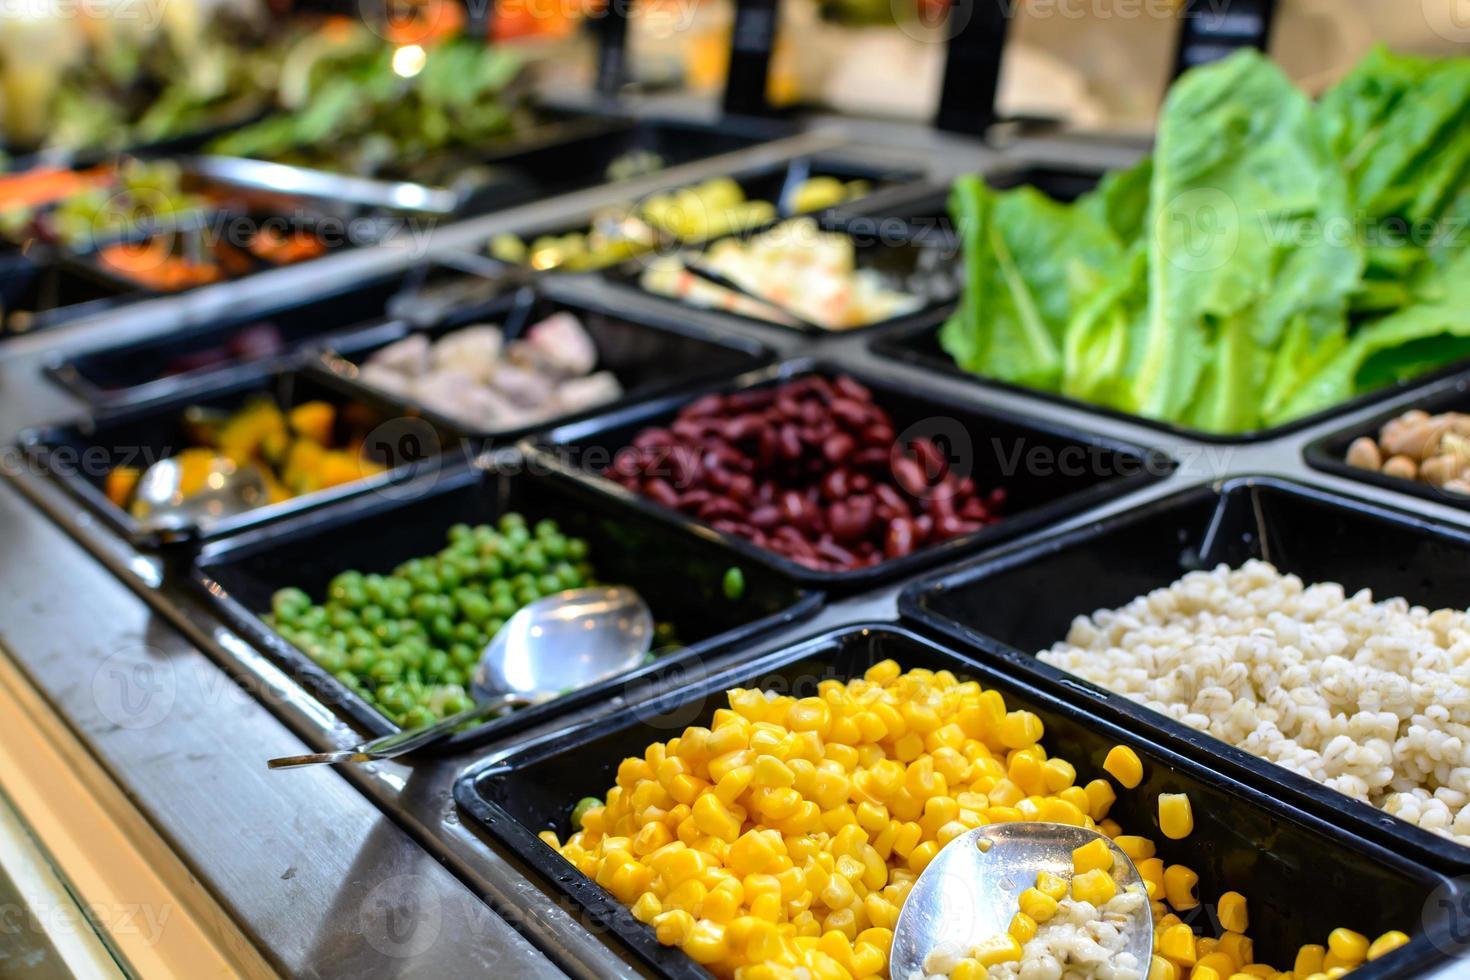 Salatbar im Supermarkt foto